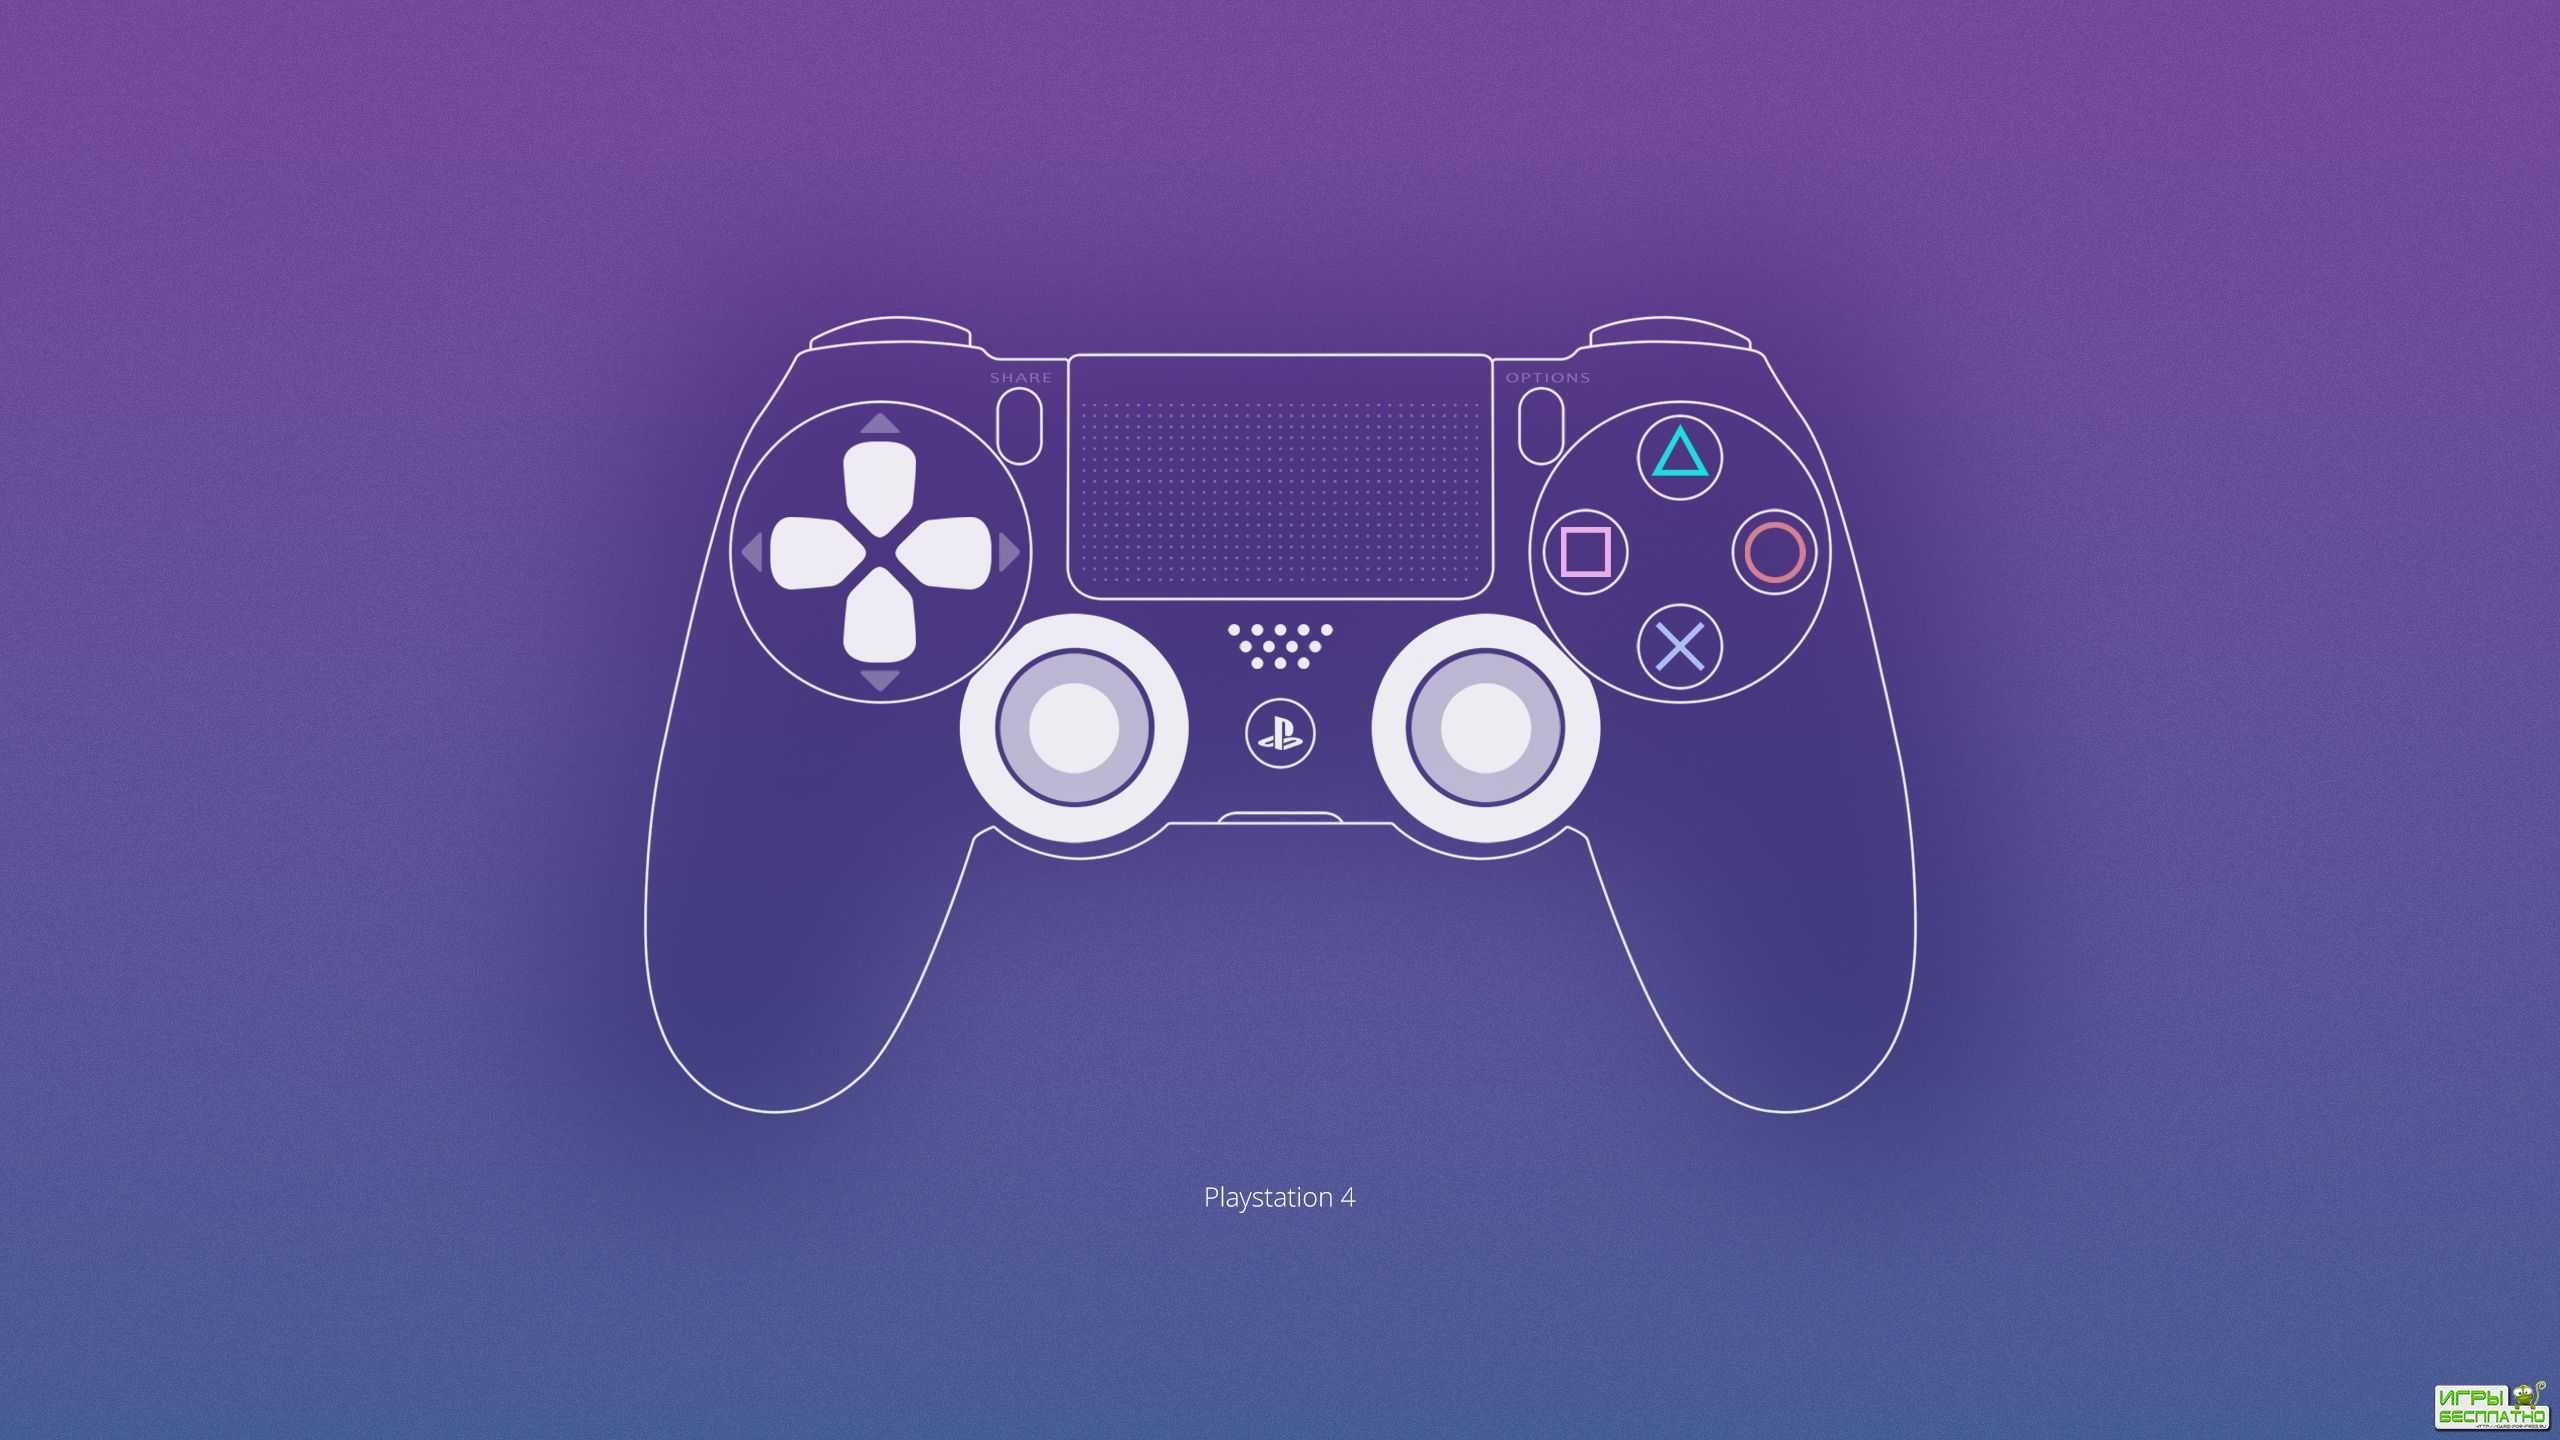 Сторонняя студия делает «довольно значительный PS4-эсклюзив» совместно с Sony